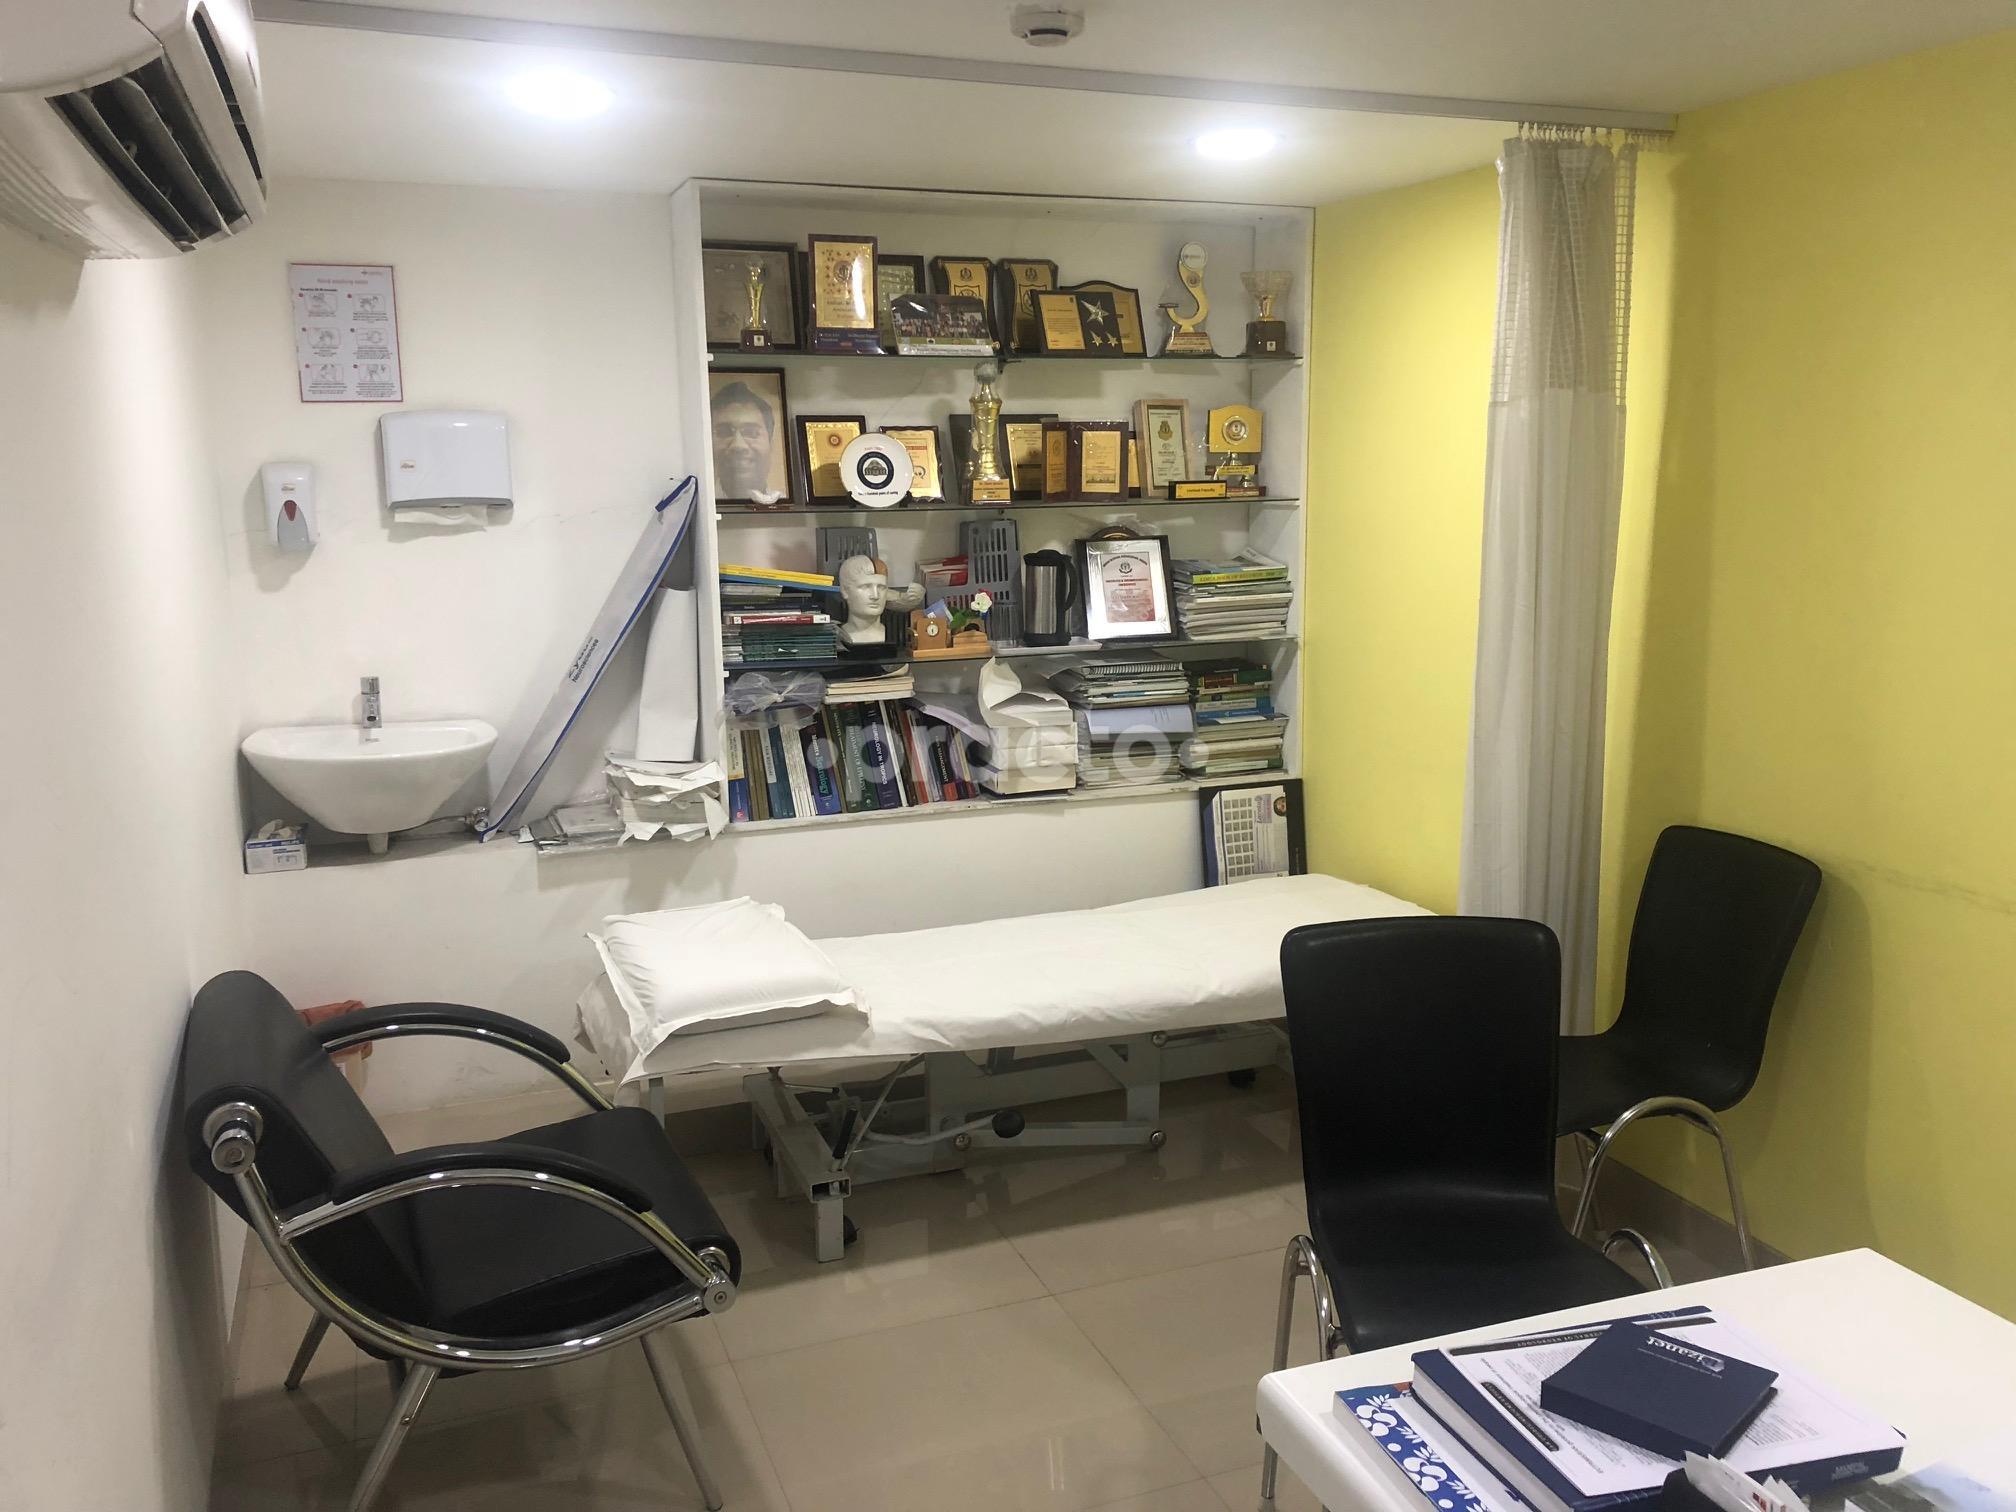 The Neuro Clinic